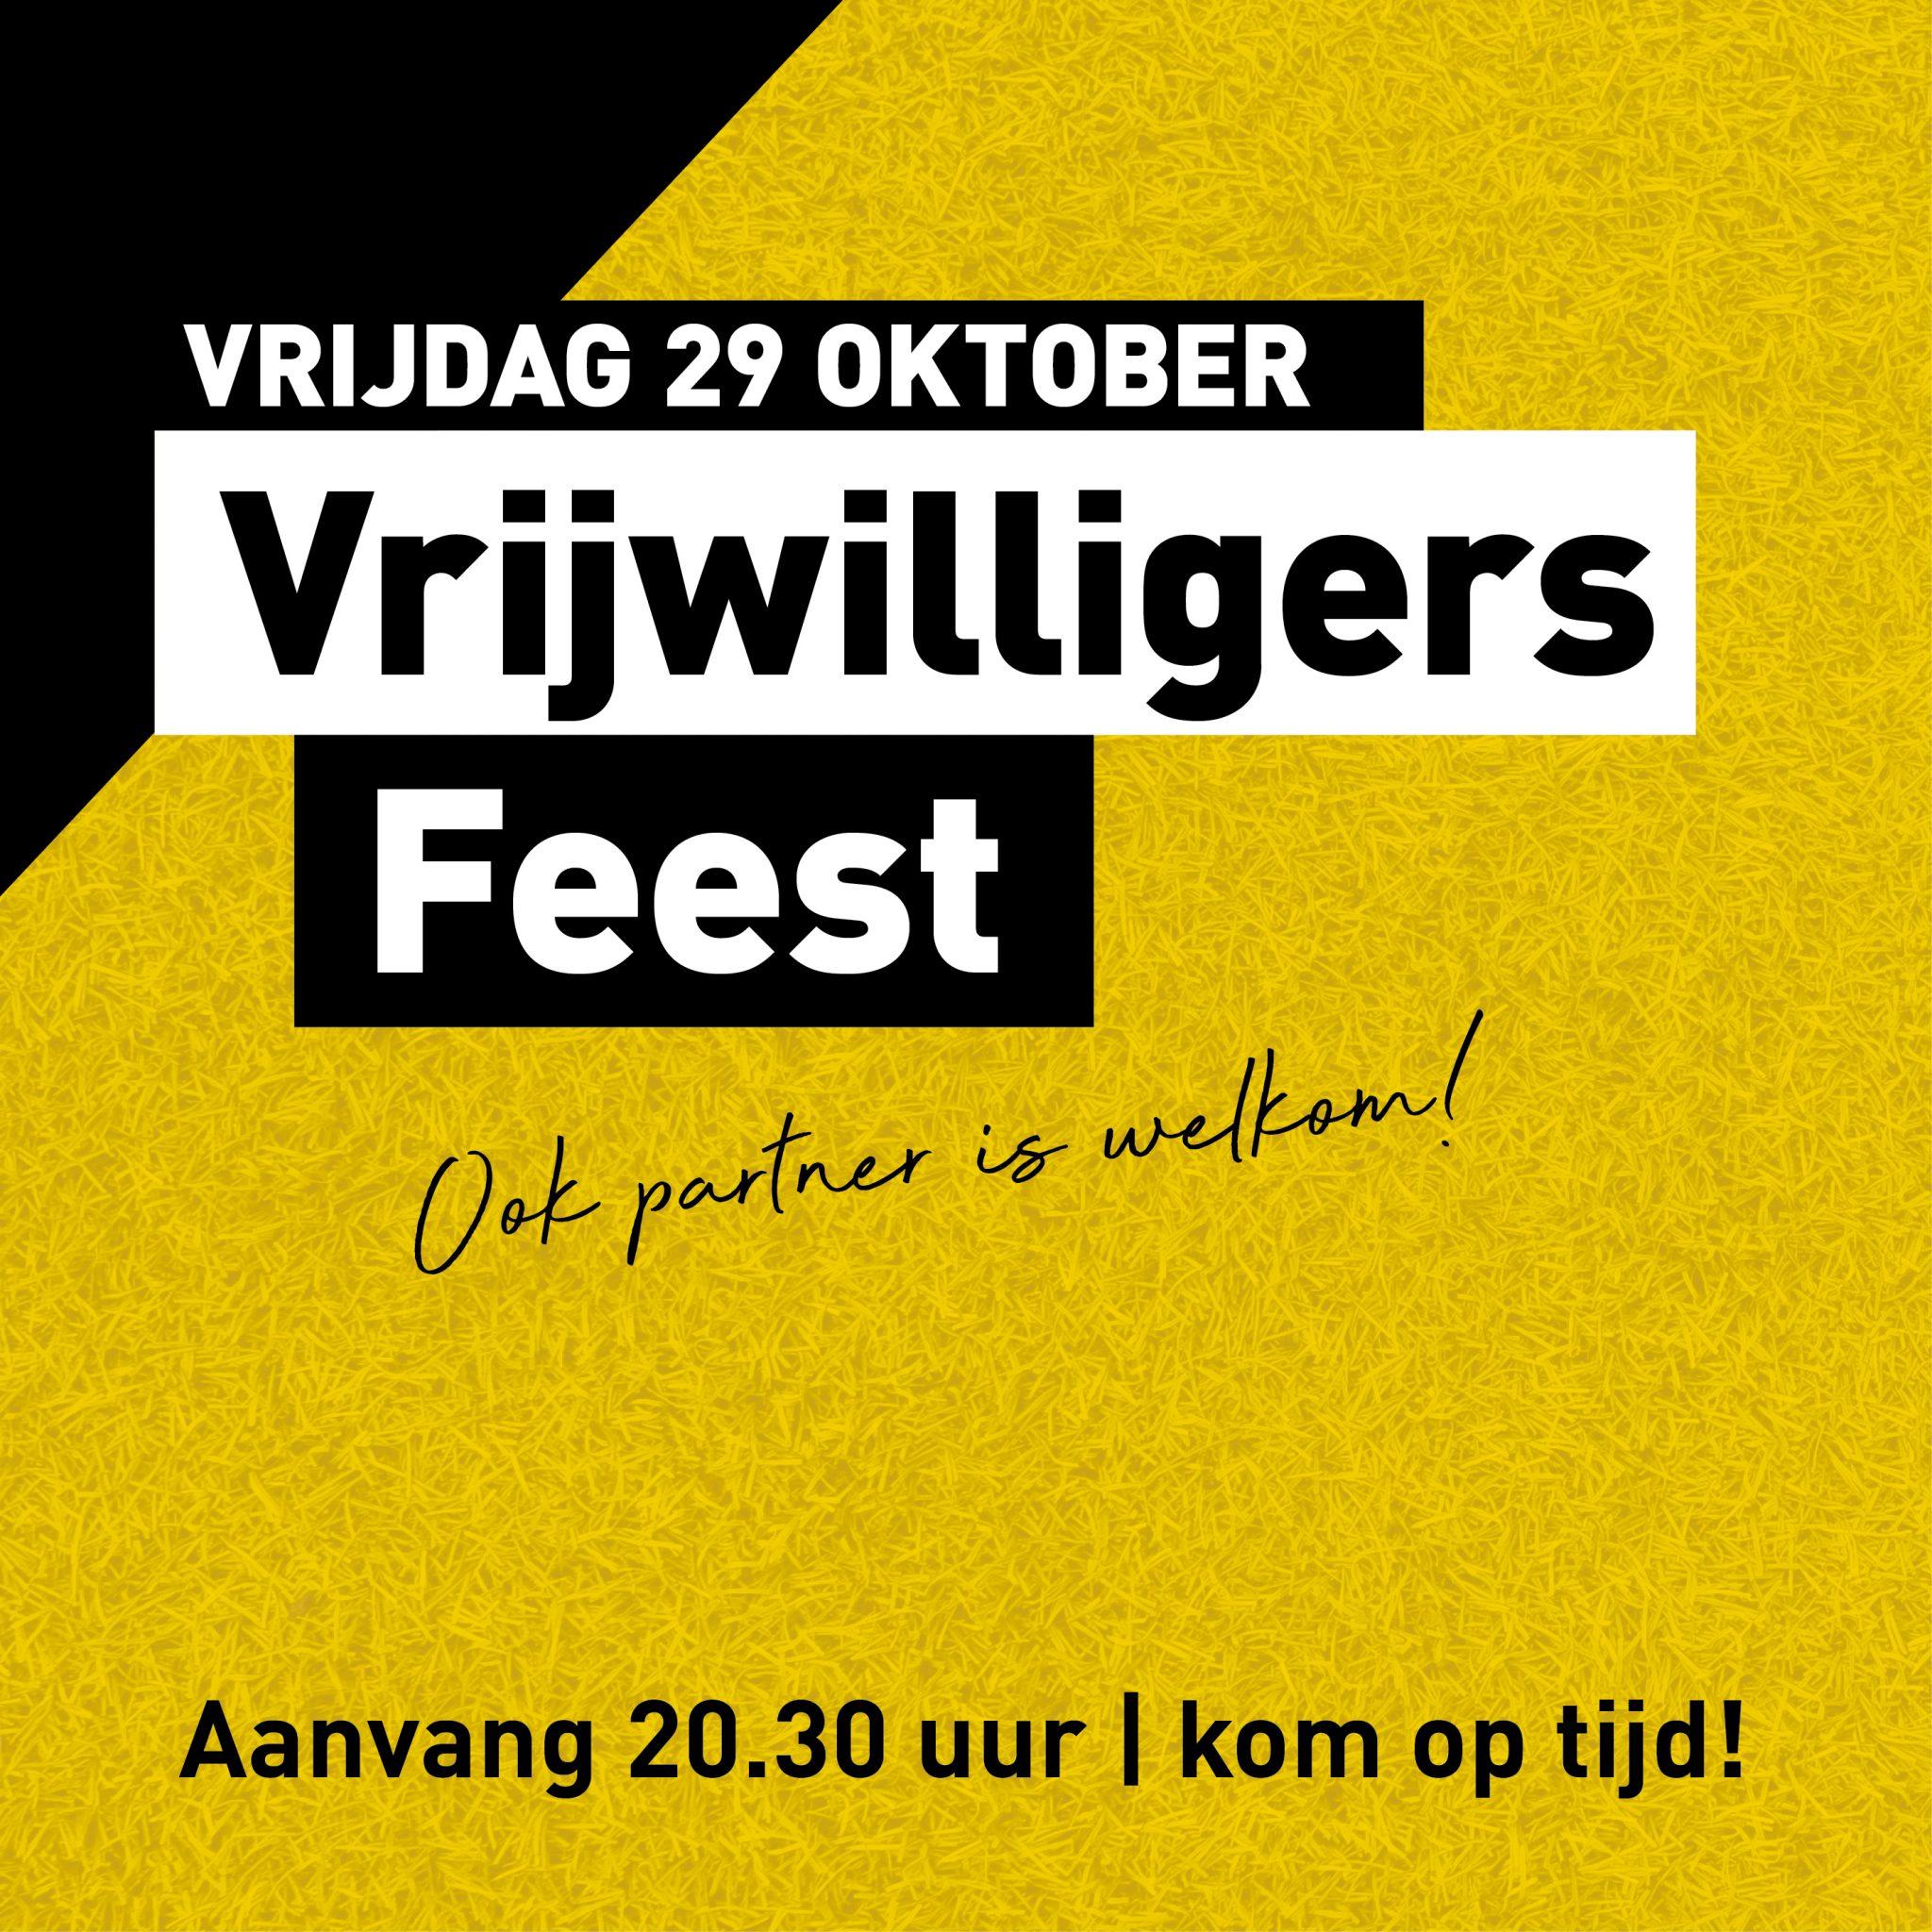 Vrijdag 29 oktober: Vrijwilligersfeest jongeren